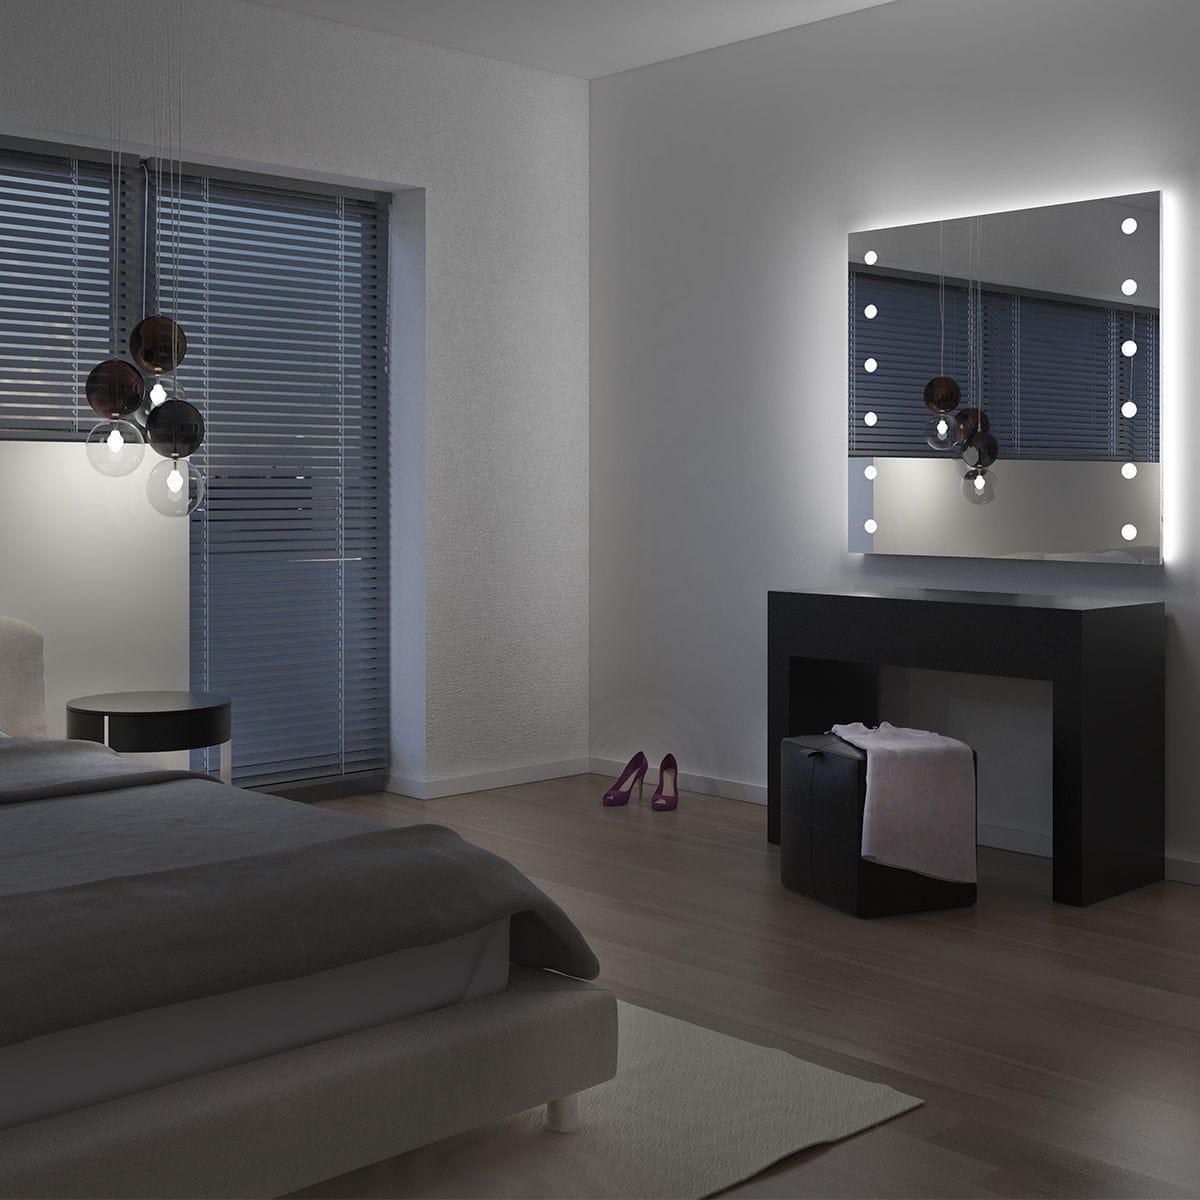 Specchio a muro / luminoso / da sala / per camera da letto - MH04 ...